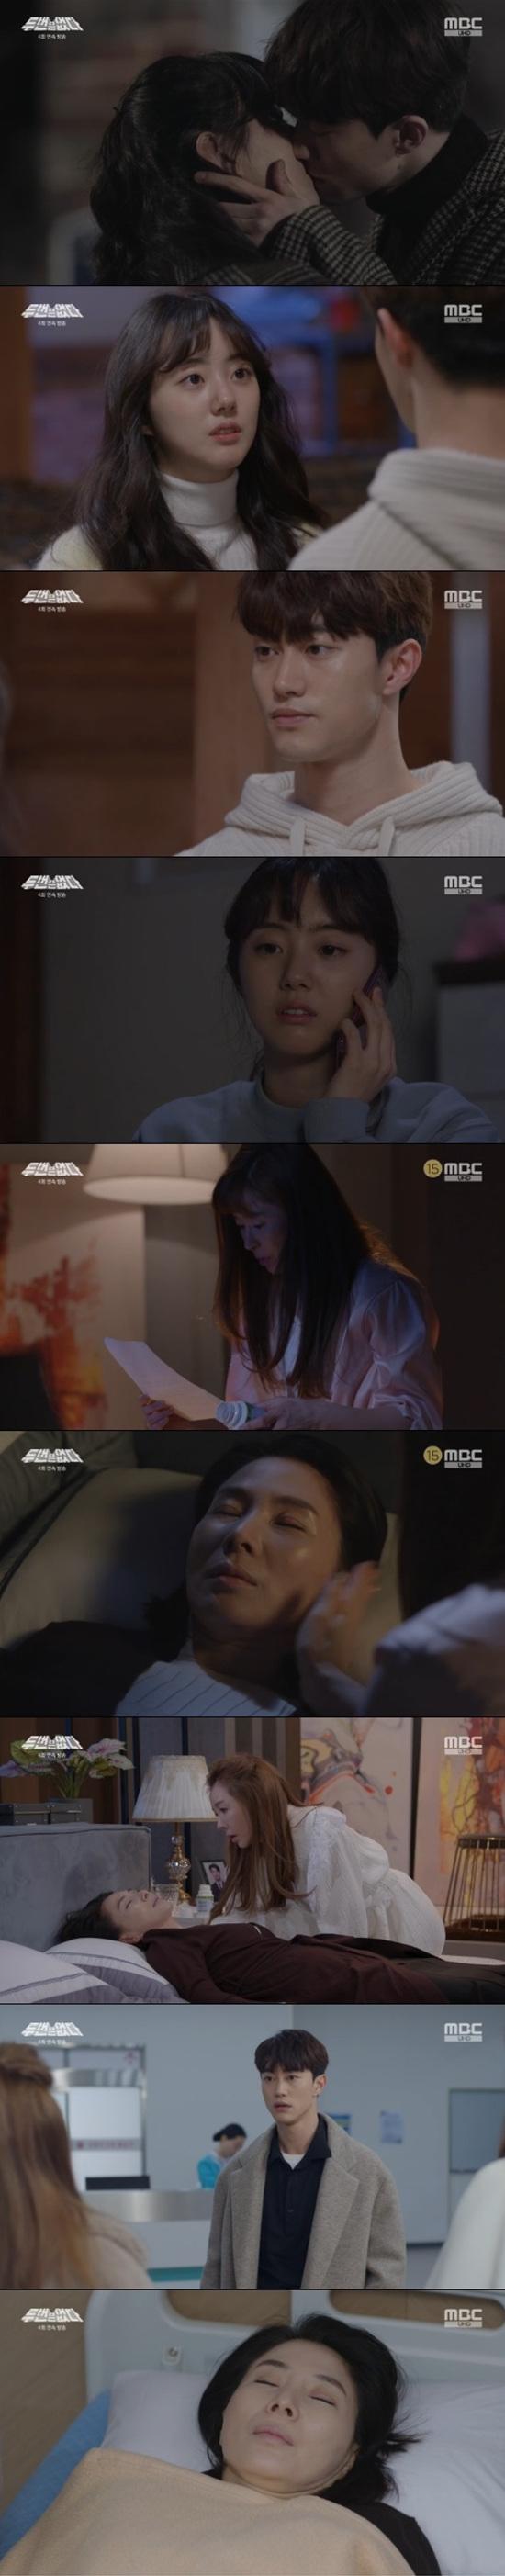 '두 번은 없다' 박세완, 남편죽음 진실 알았다..황영희 사죄→자수 [종합][프로토배당률|코파아메리카]